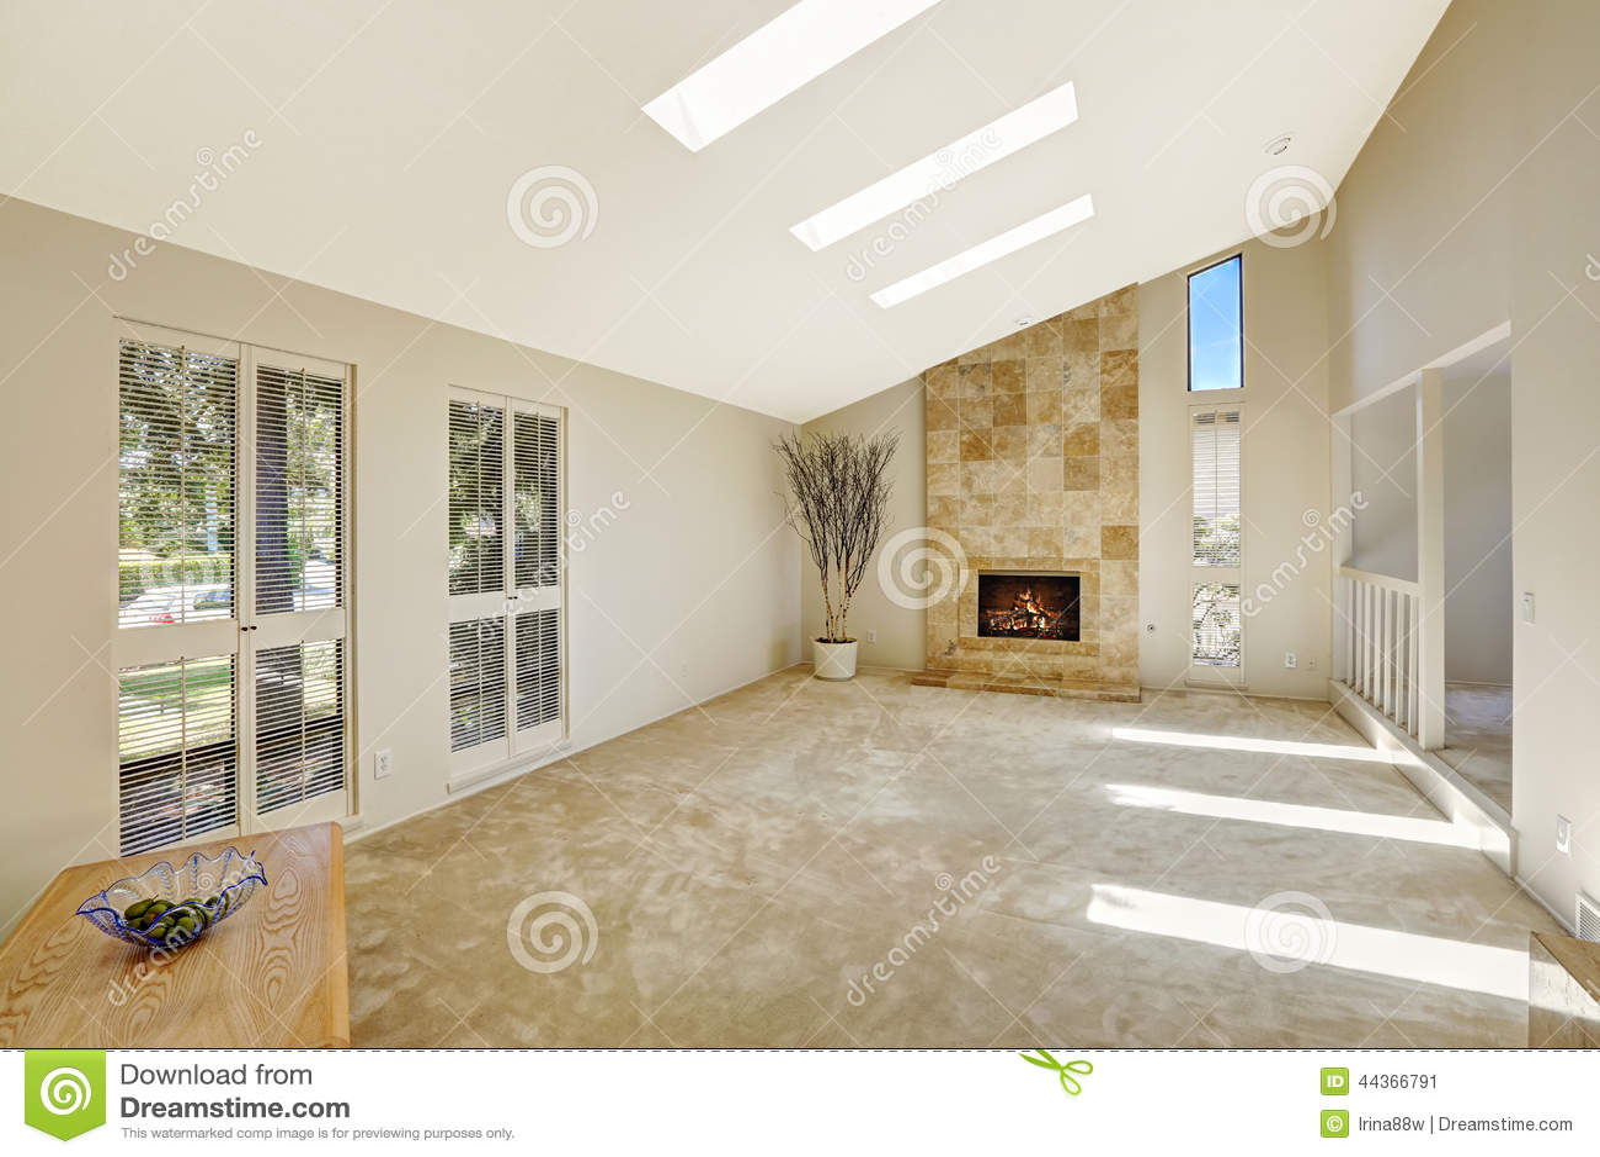 Salon de beautitful avec le plafond vo t et les lucarnes for Plafond de salon